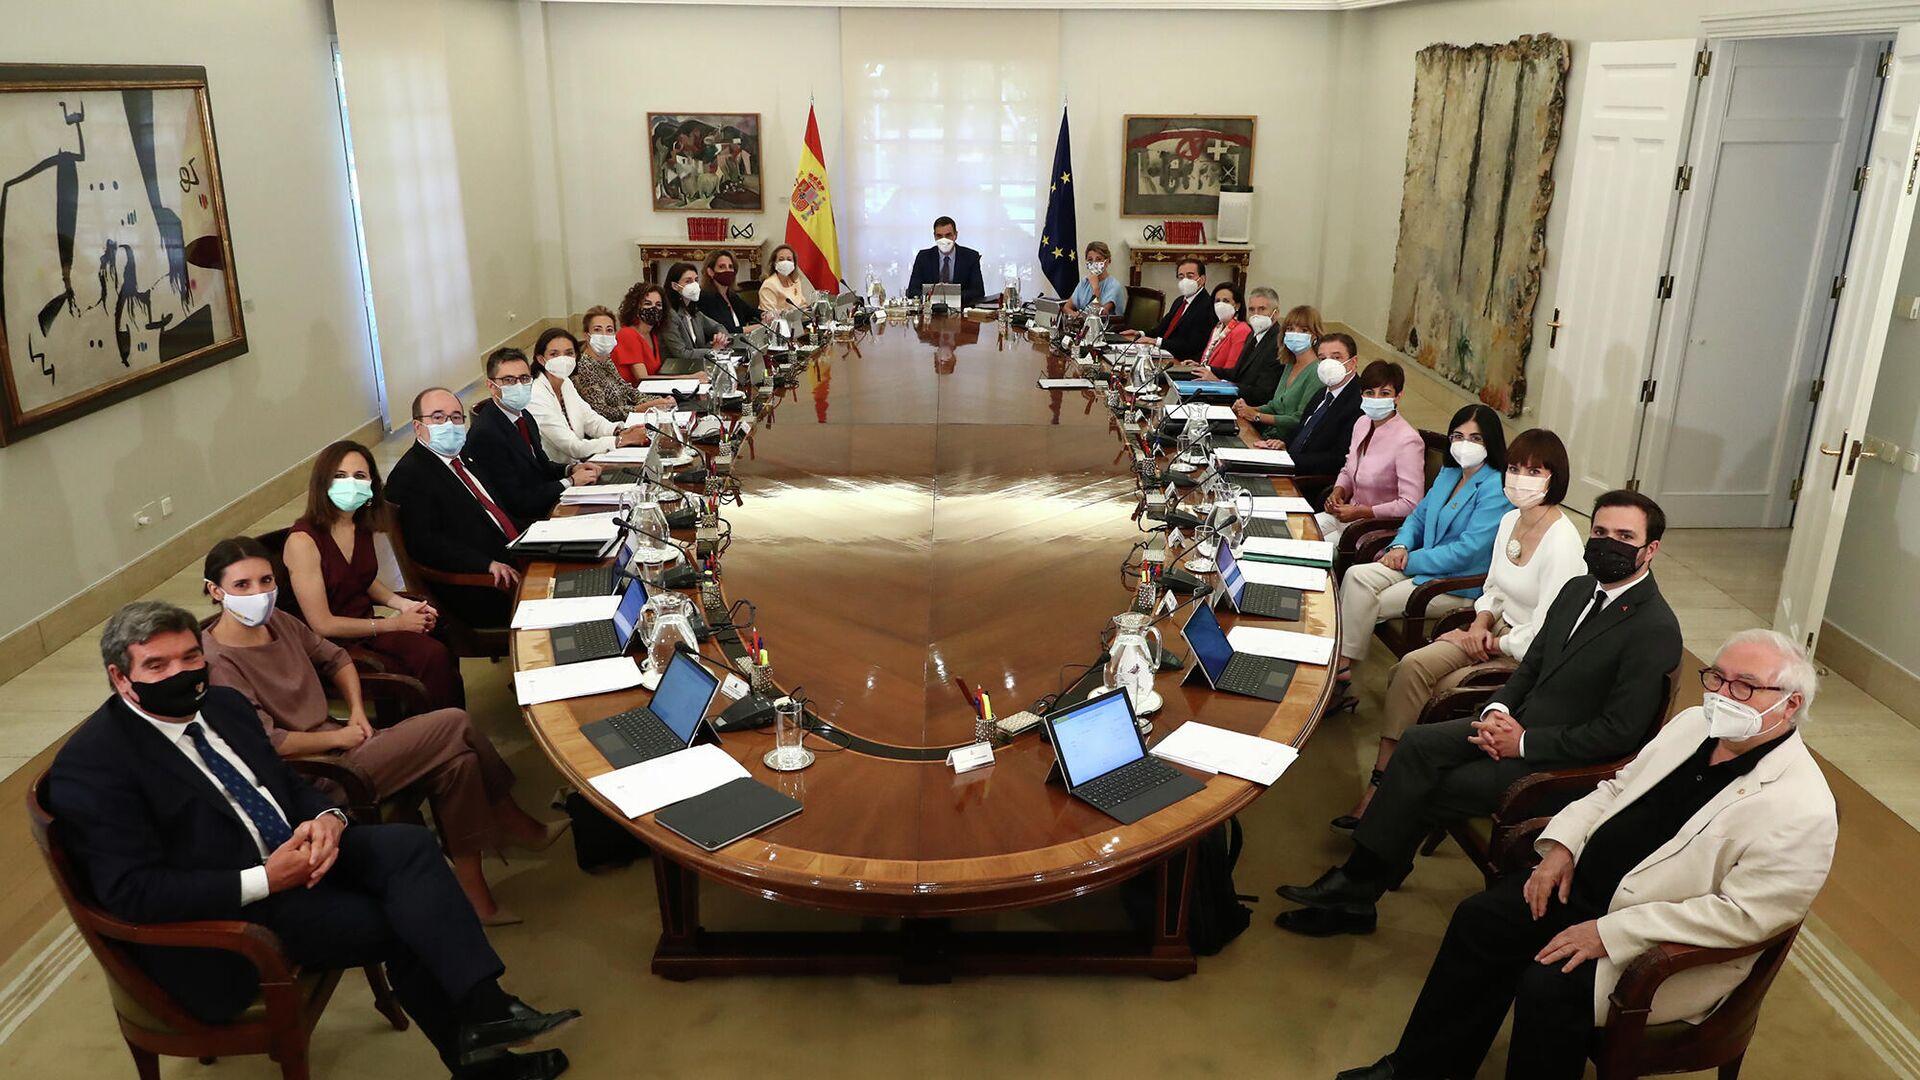 Reunión del Consejo de Ministros de España del 13 de julio de 2021 - Sputnik Mundo, 1920, 27.07.2021